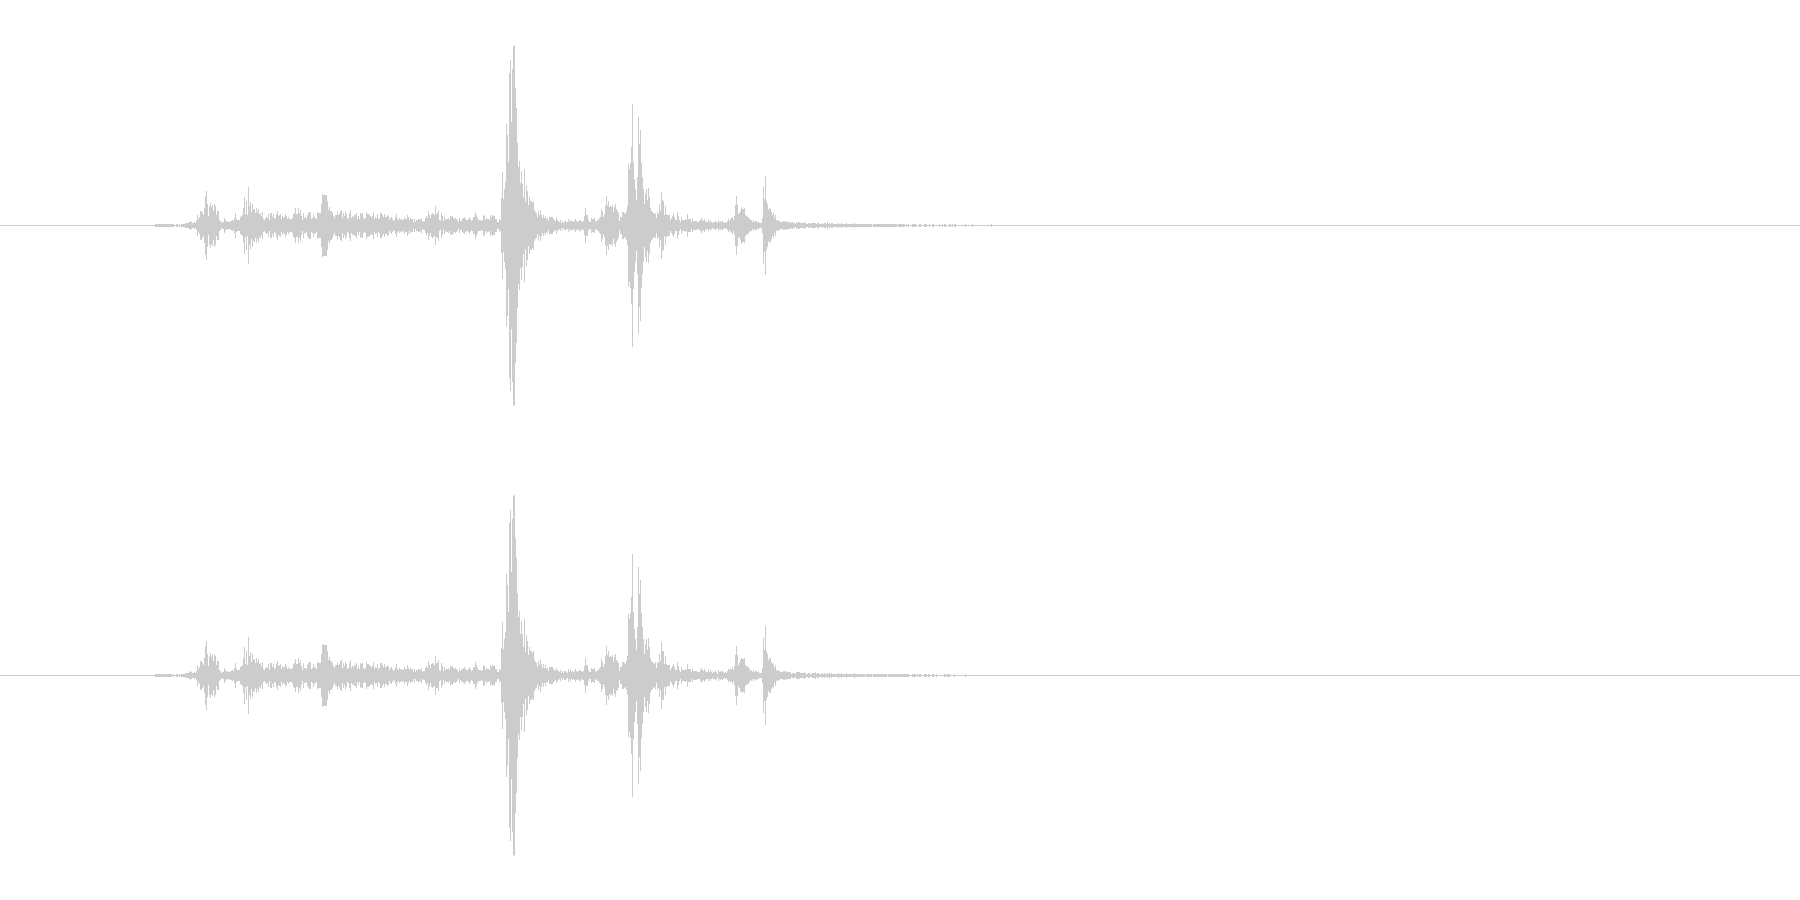 装備/銃・ライフル/FPS/リロード_3の未再生の波形